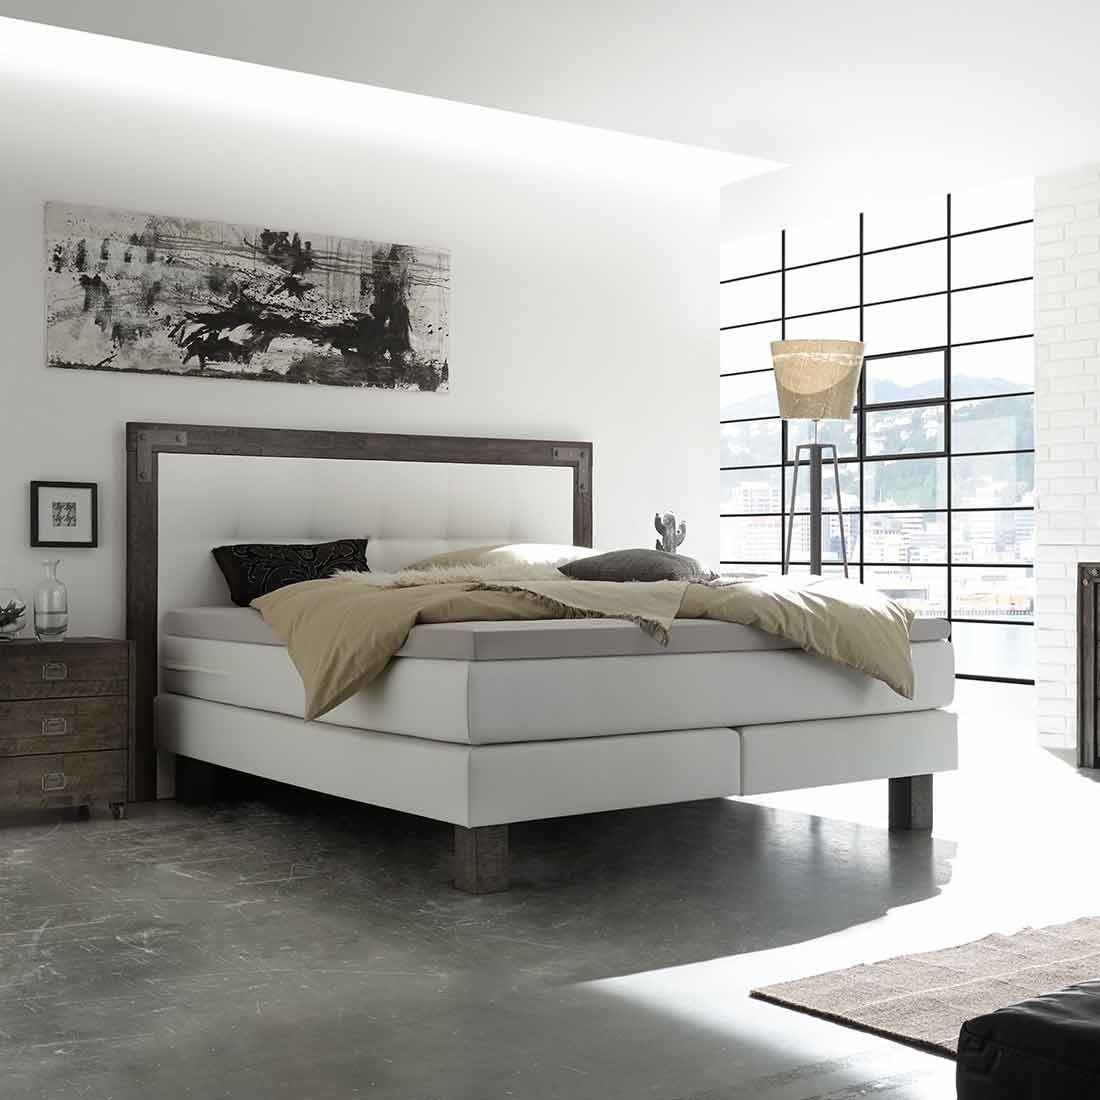 Schlafzimmer Mit Boxspringbett 140x200. Lampen